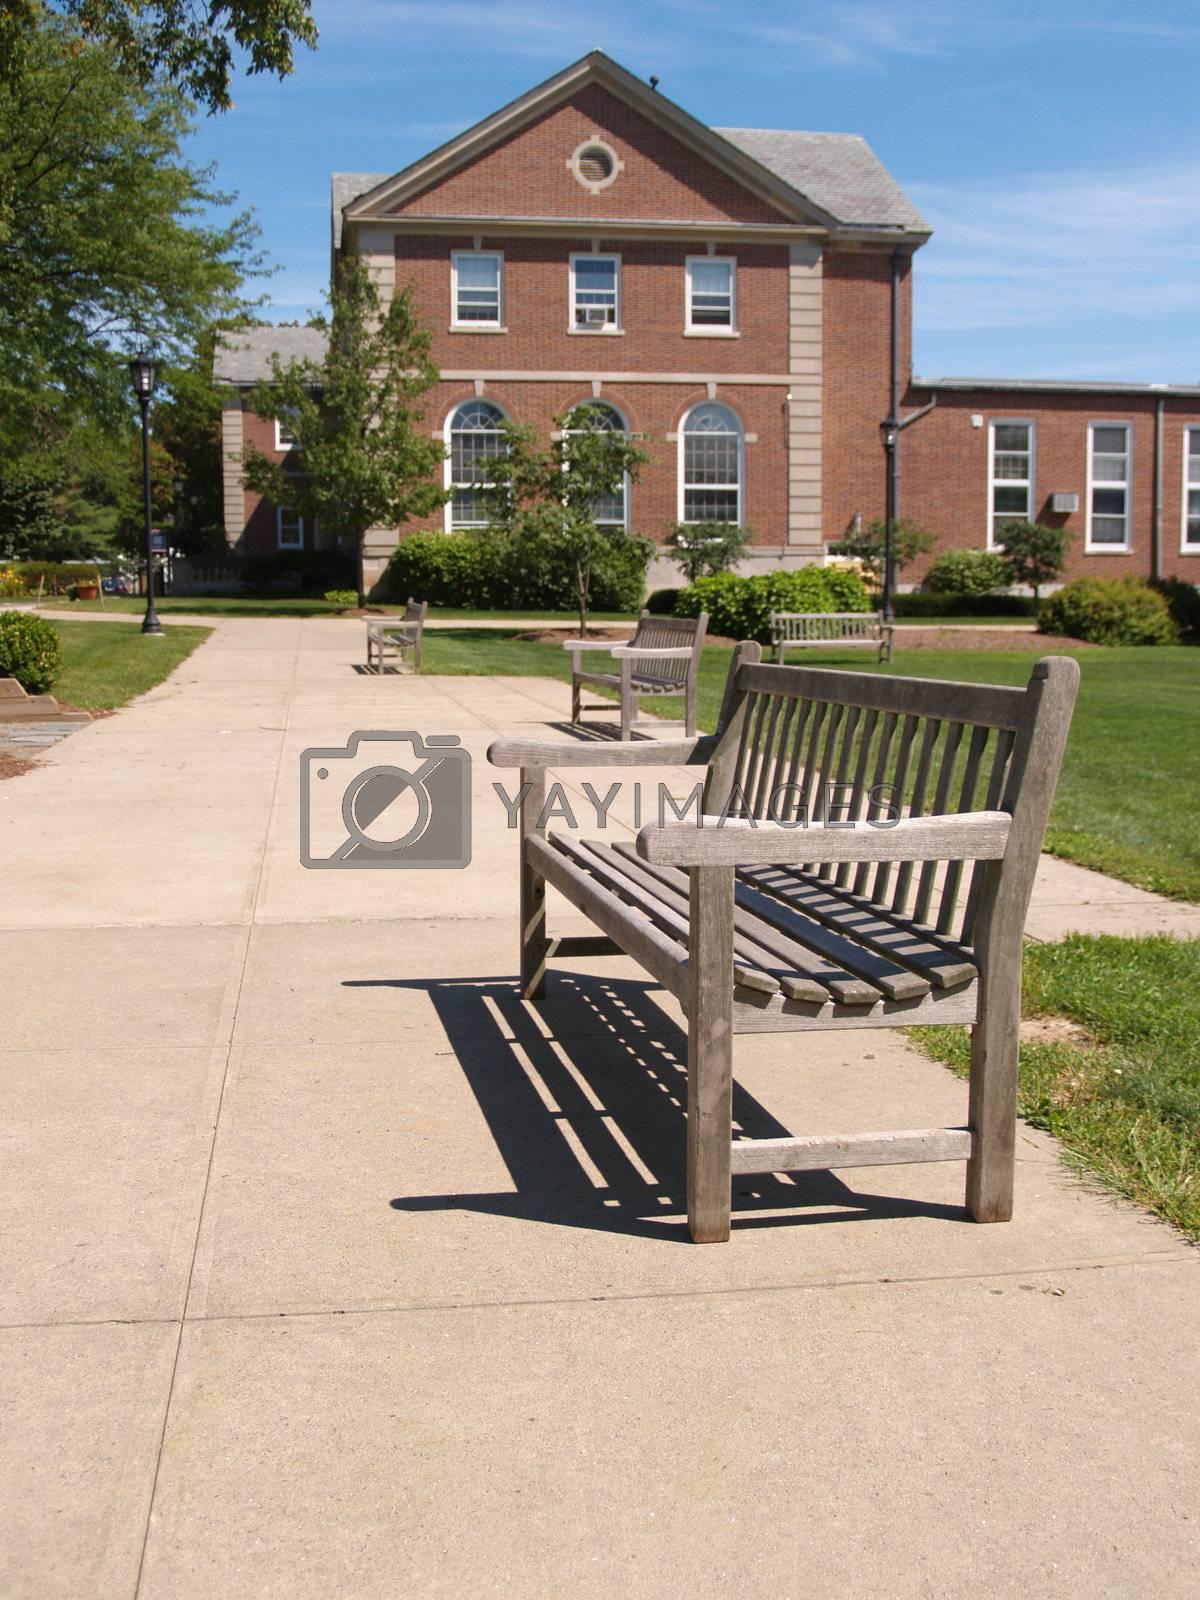 one empty wood bench by a sidewalk